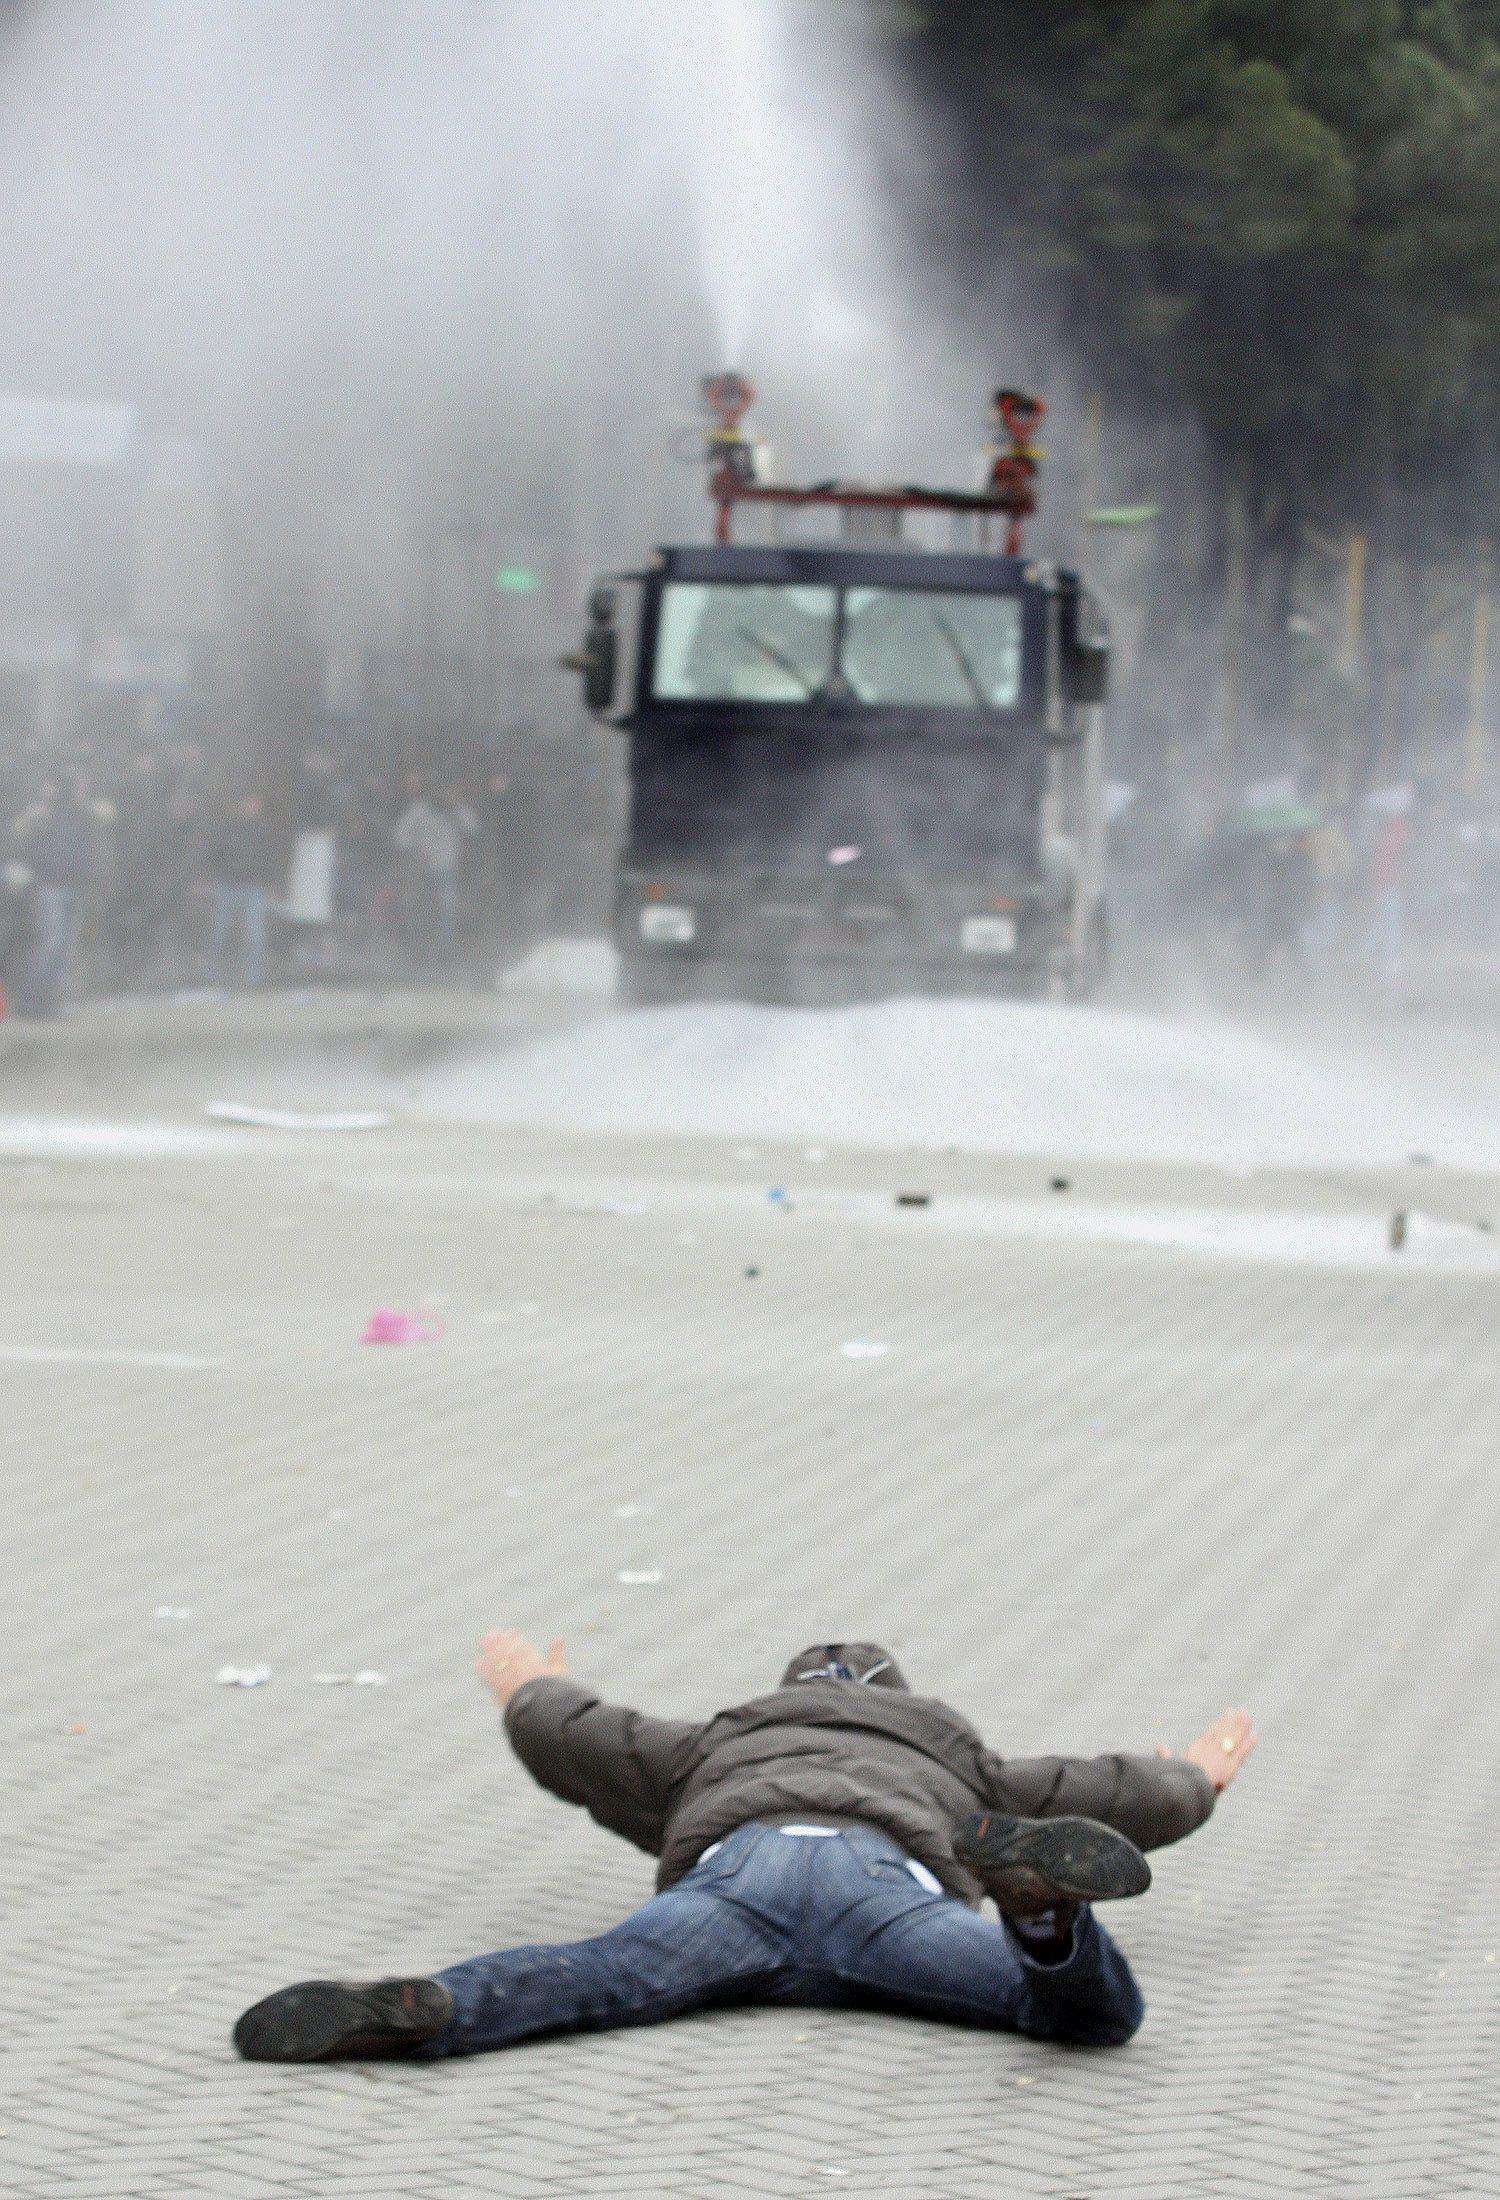 Διαδηλωτής στο έδαφος και στο βάθος οι αστυνομικές δυνάμεις - ΦΩΤΟ REUTERS